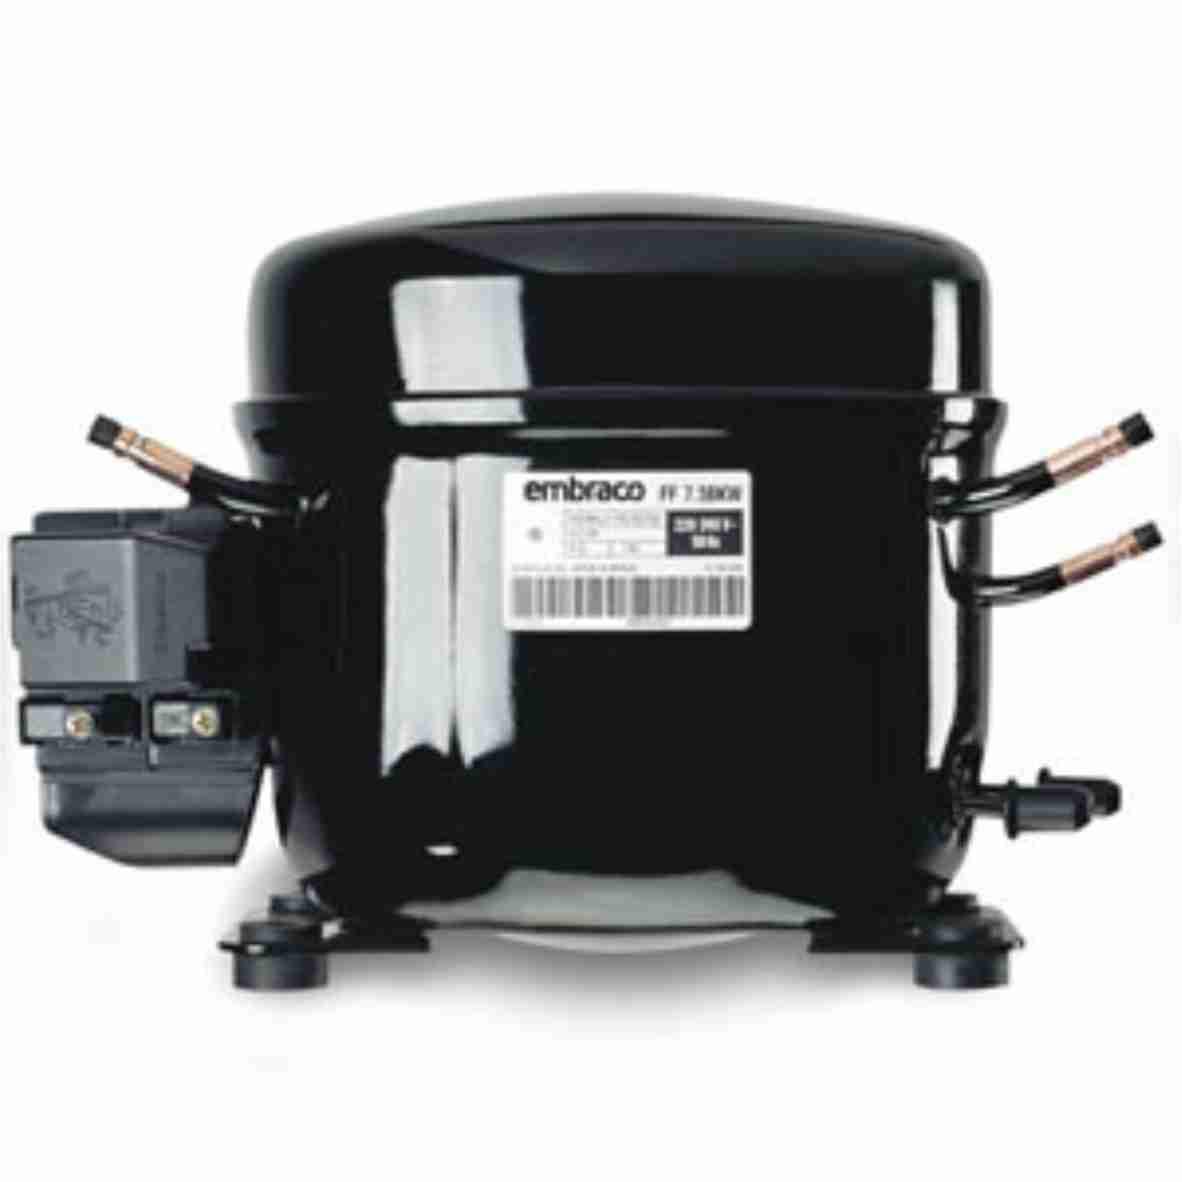 Compressor 1/3+ 110V 134 FFI 12HBX Embraco